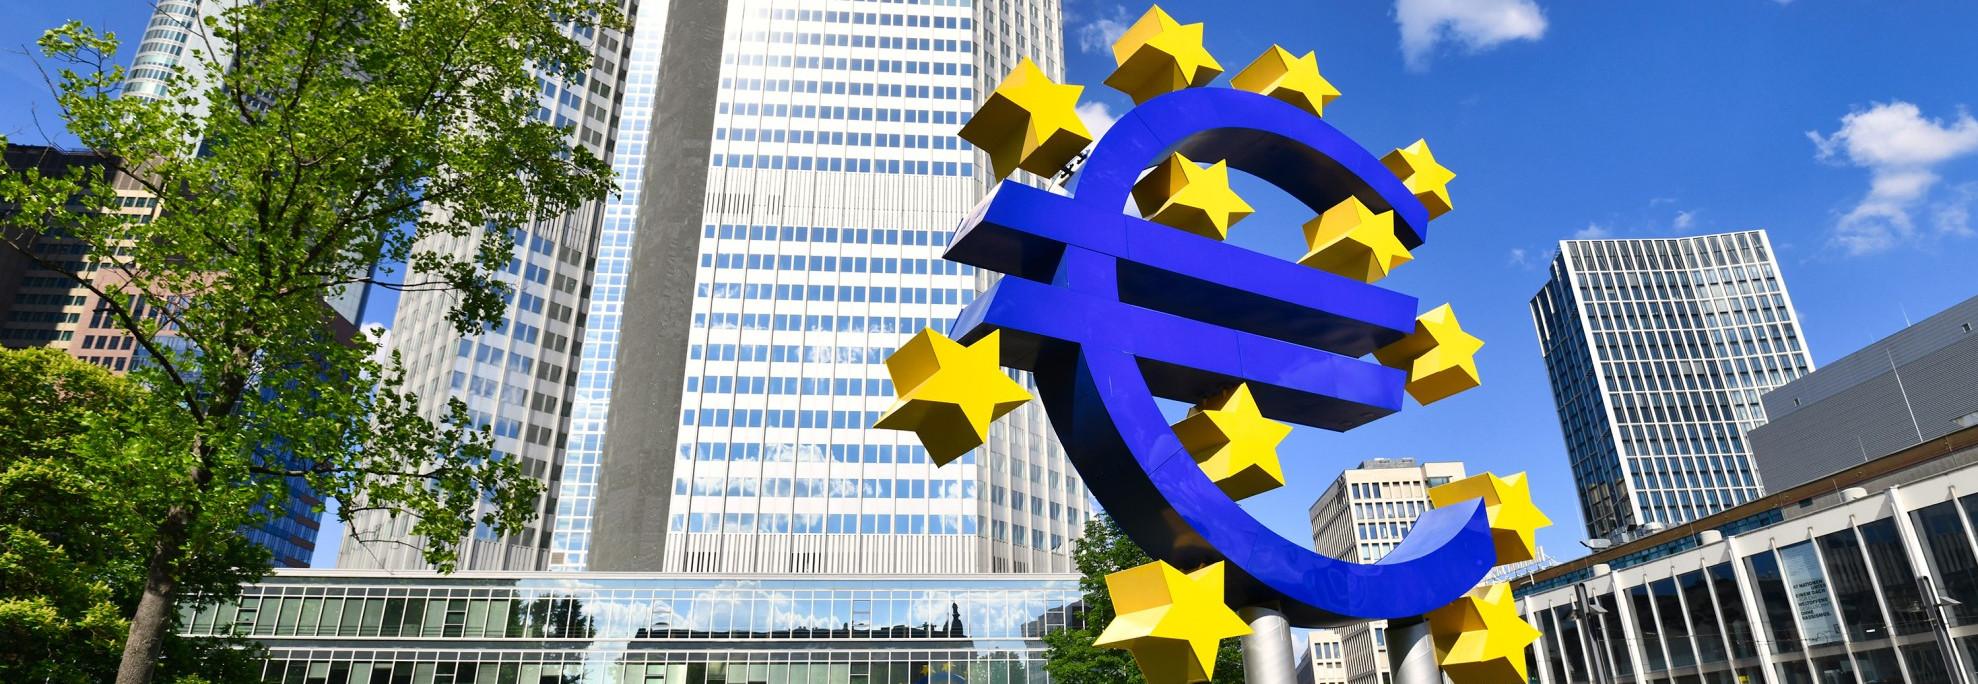 Finanšu tirgus reakcija uz 2021. gada 22. jūlija ECB Padomes lēmumiem